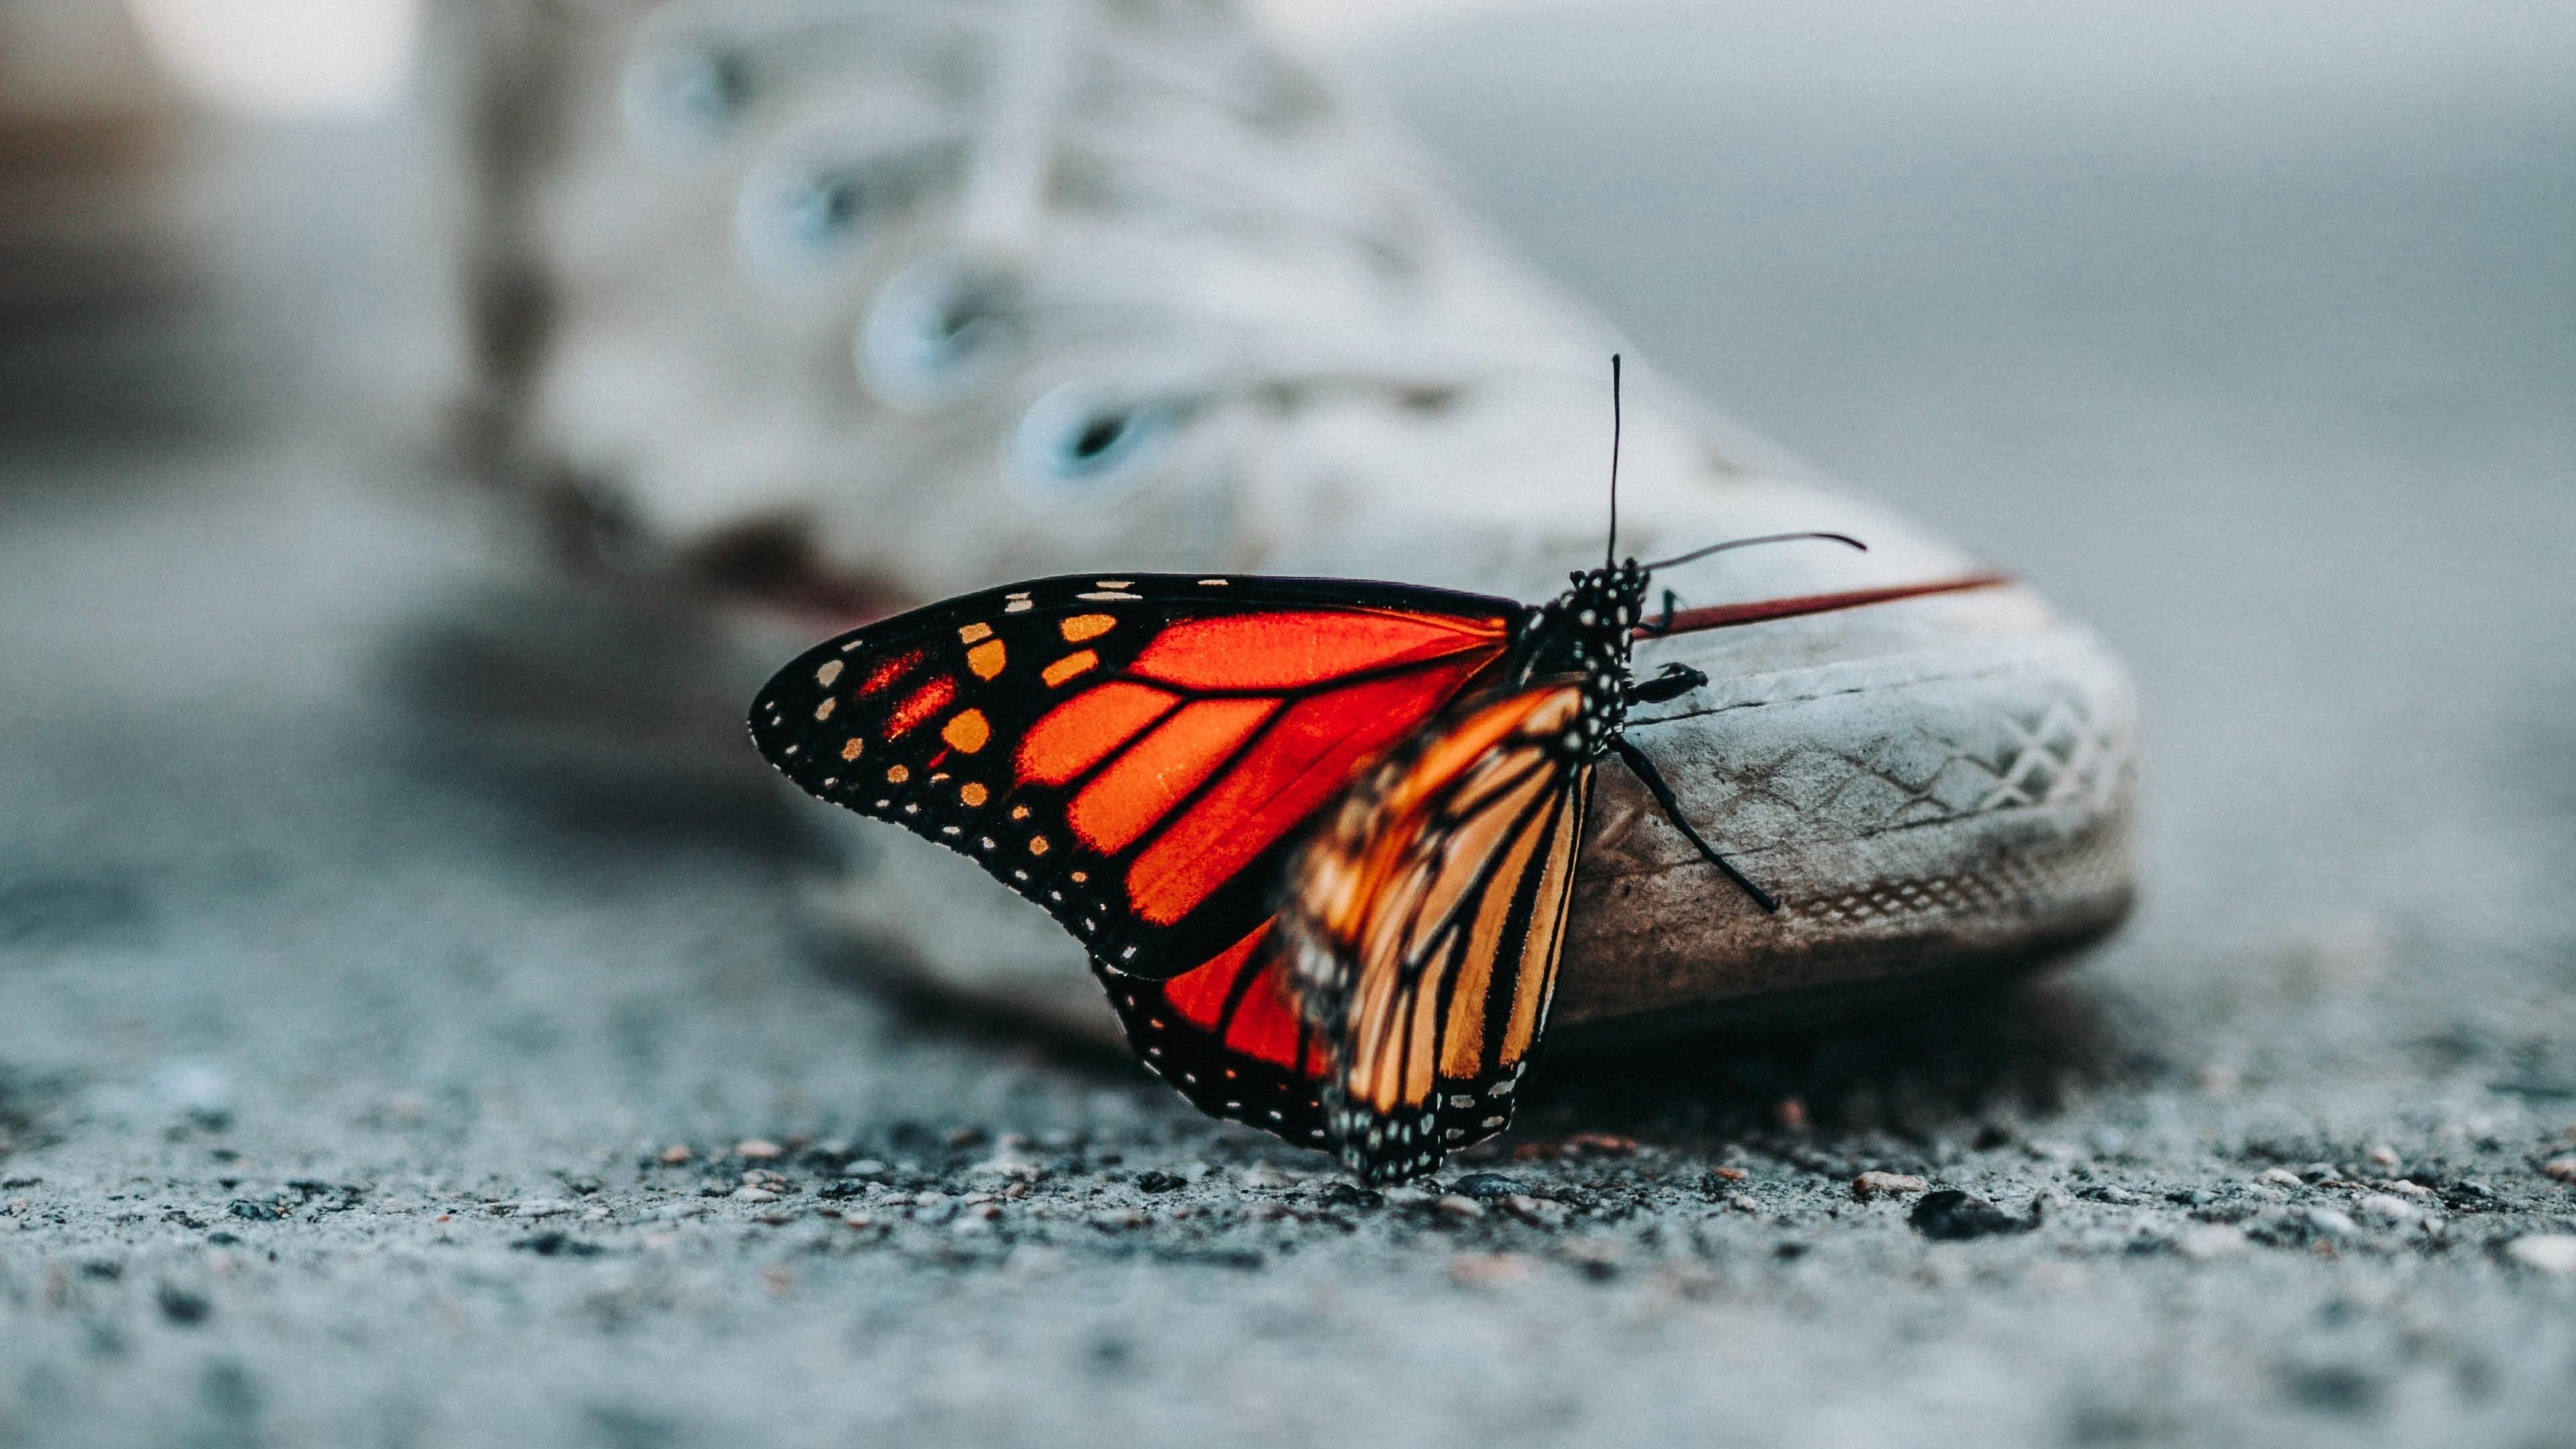 Cute Butterfly on Shoes 4K Wallpaper HD Wallpapers 3840x2160